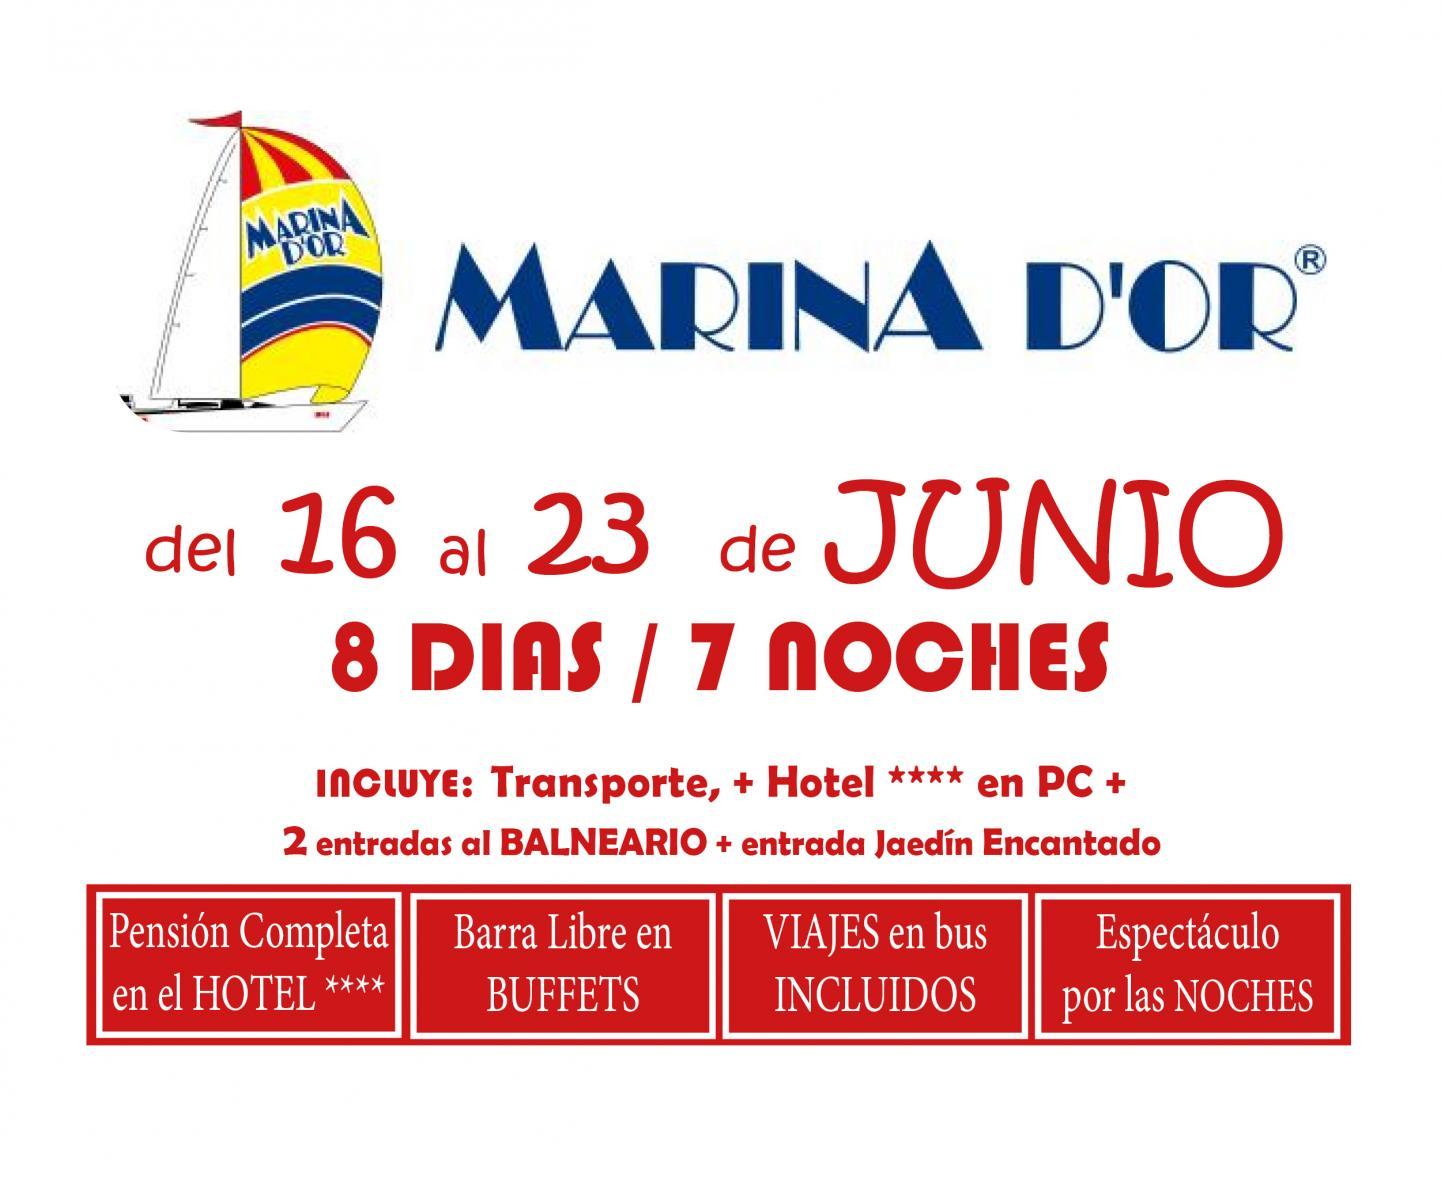 MARINA D`OR # HOTEL 4**** (del 16 al 23 de Junio ) # 8 días/7 noches en PC buffet+ bebida